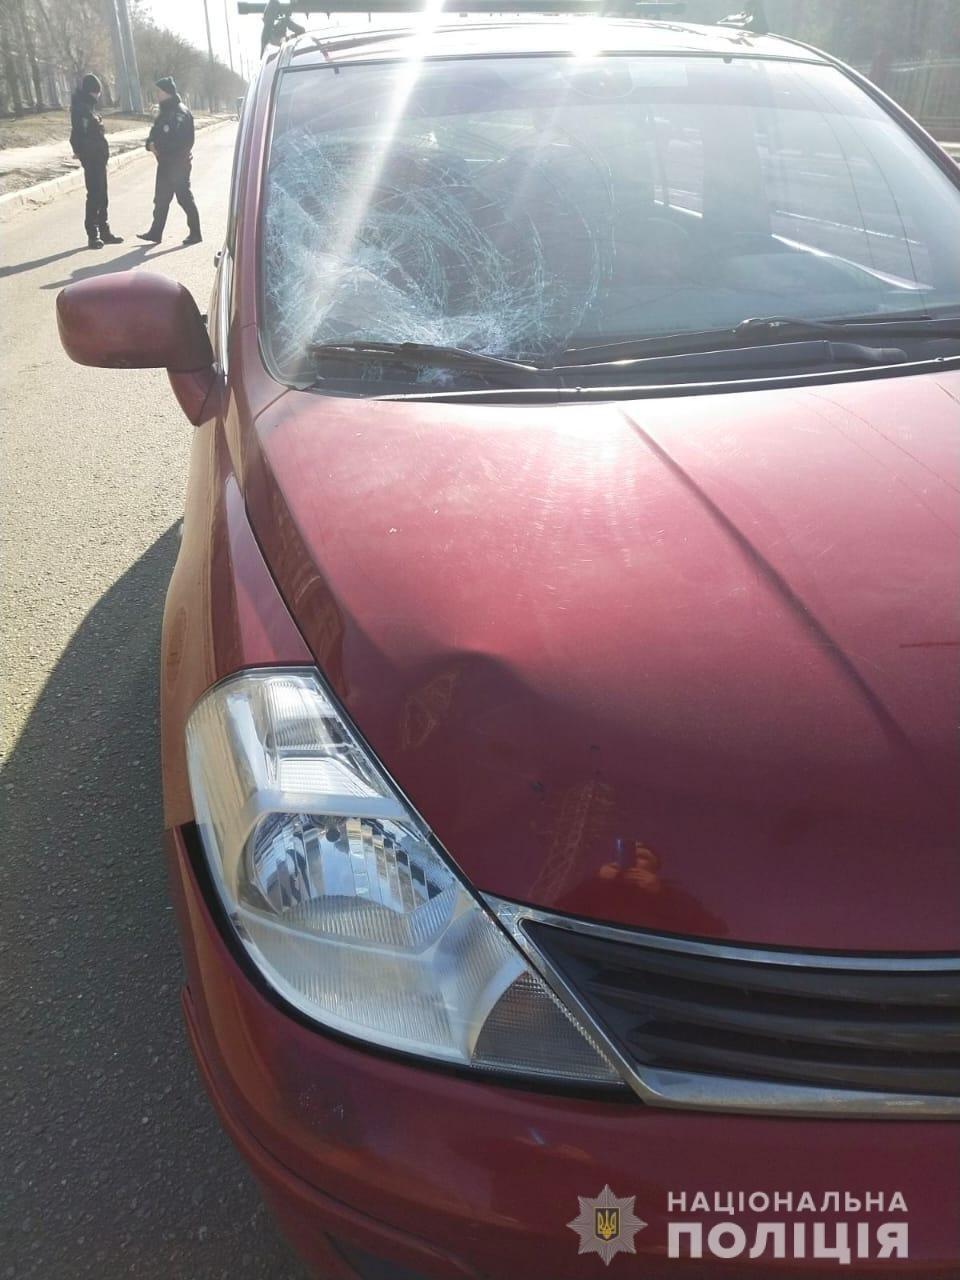 В Харькове под колесами авто погибла пожилая женщина, переходившая дорогу вне «зебры», - ФОТО, фото-2